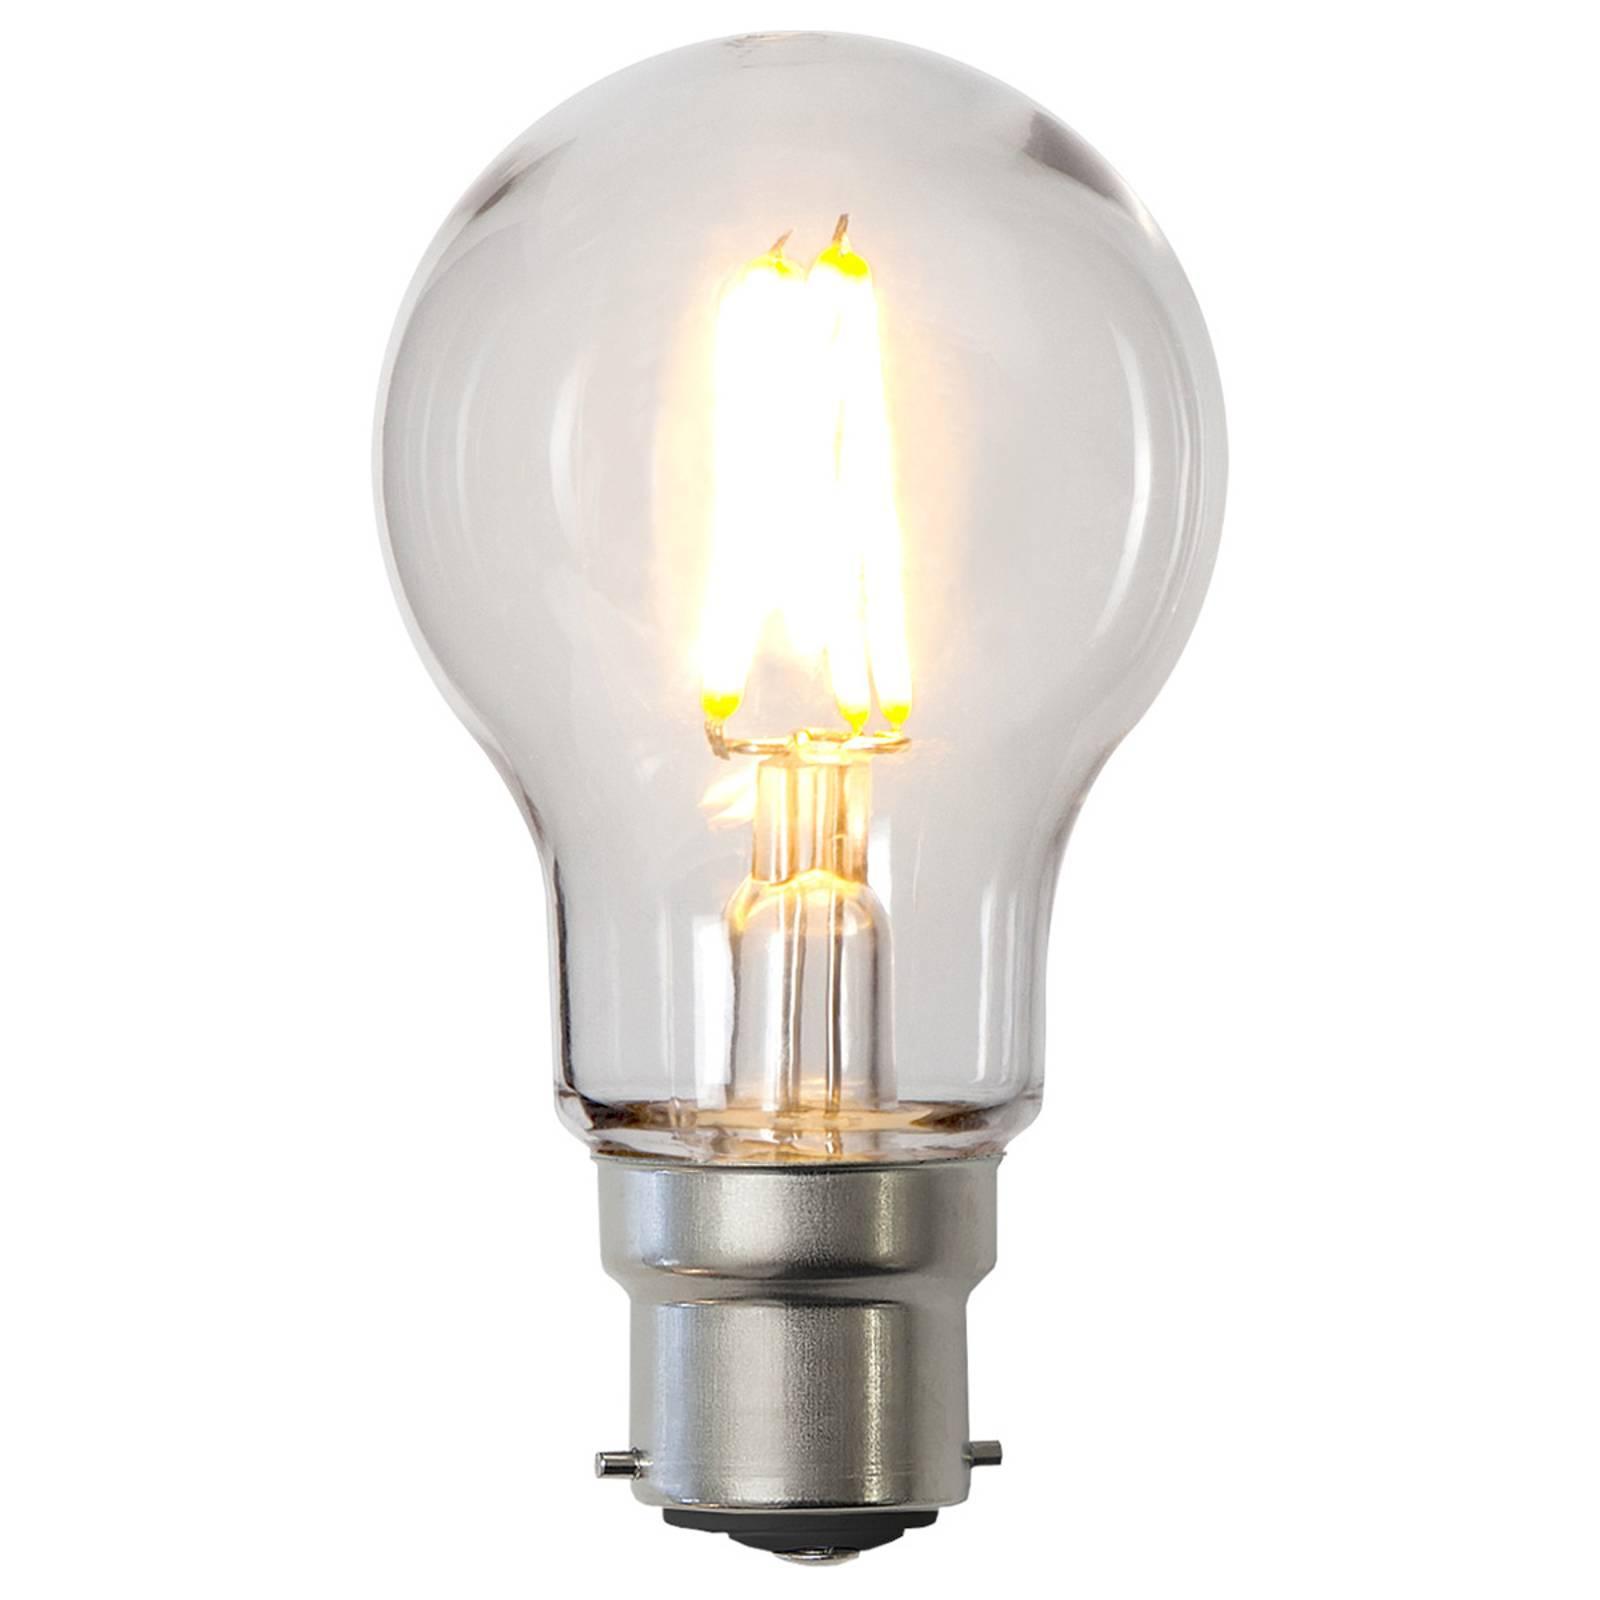 LED-lamppu B22 A55 2,4W polykarbonaattia, kirkas